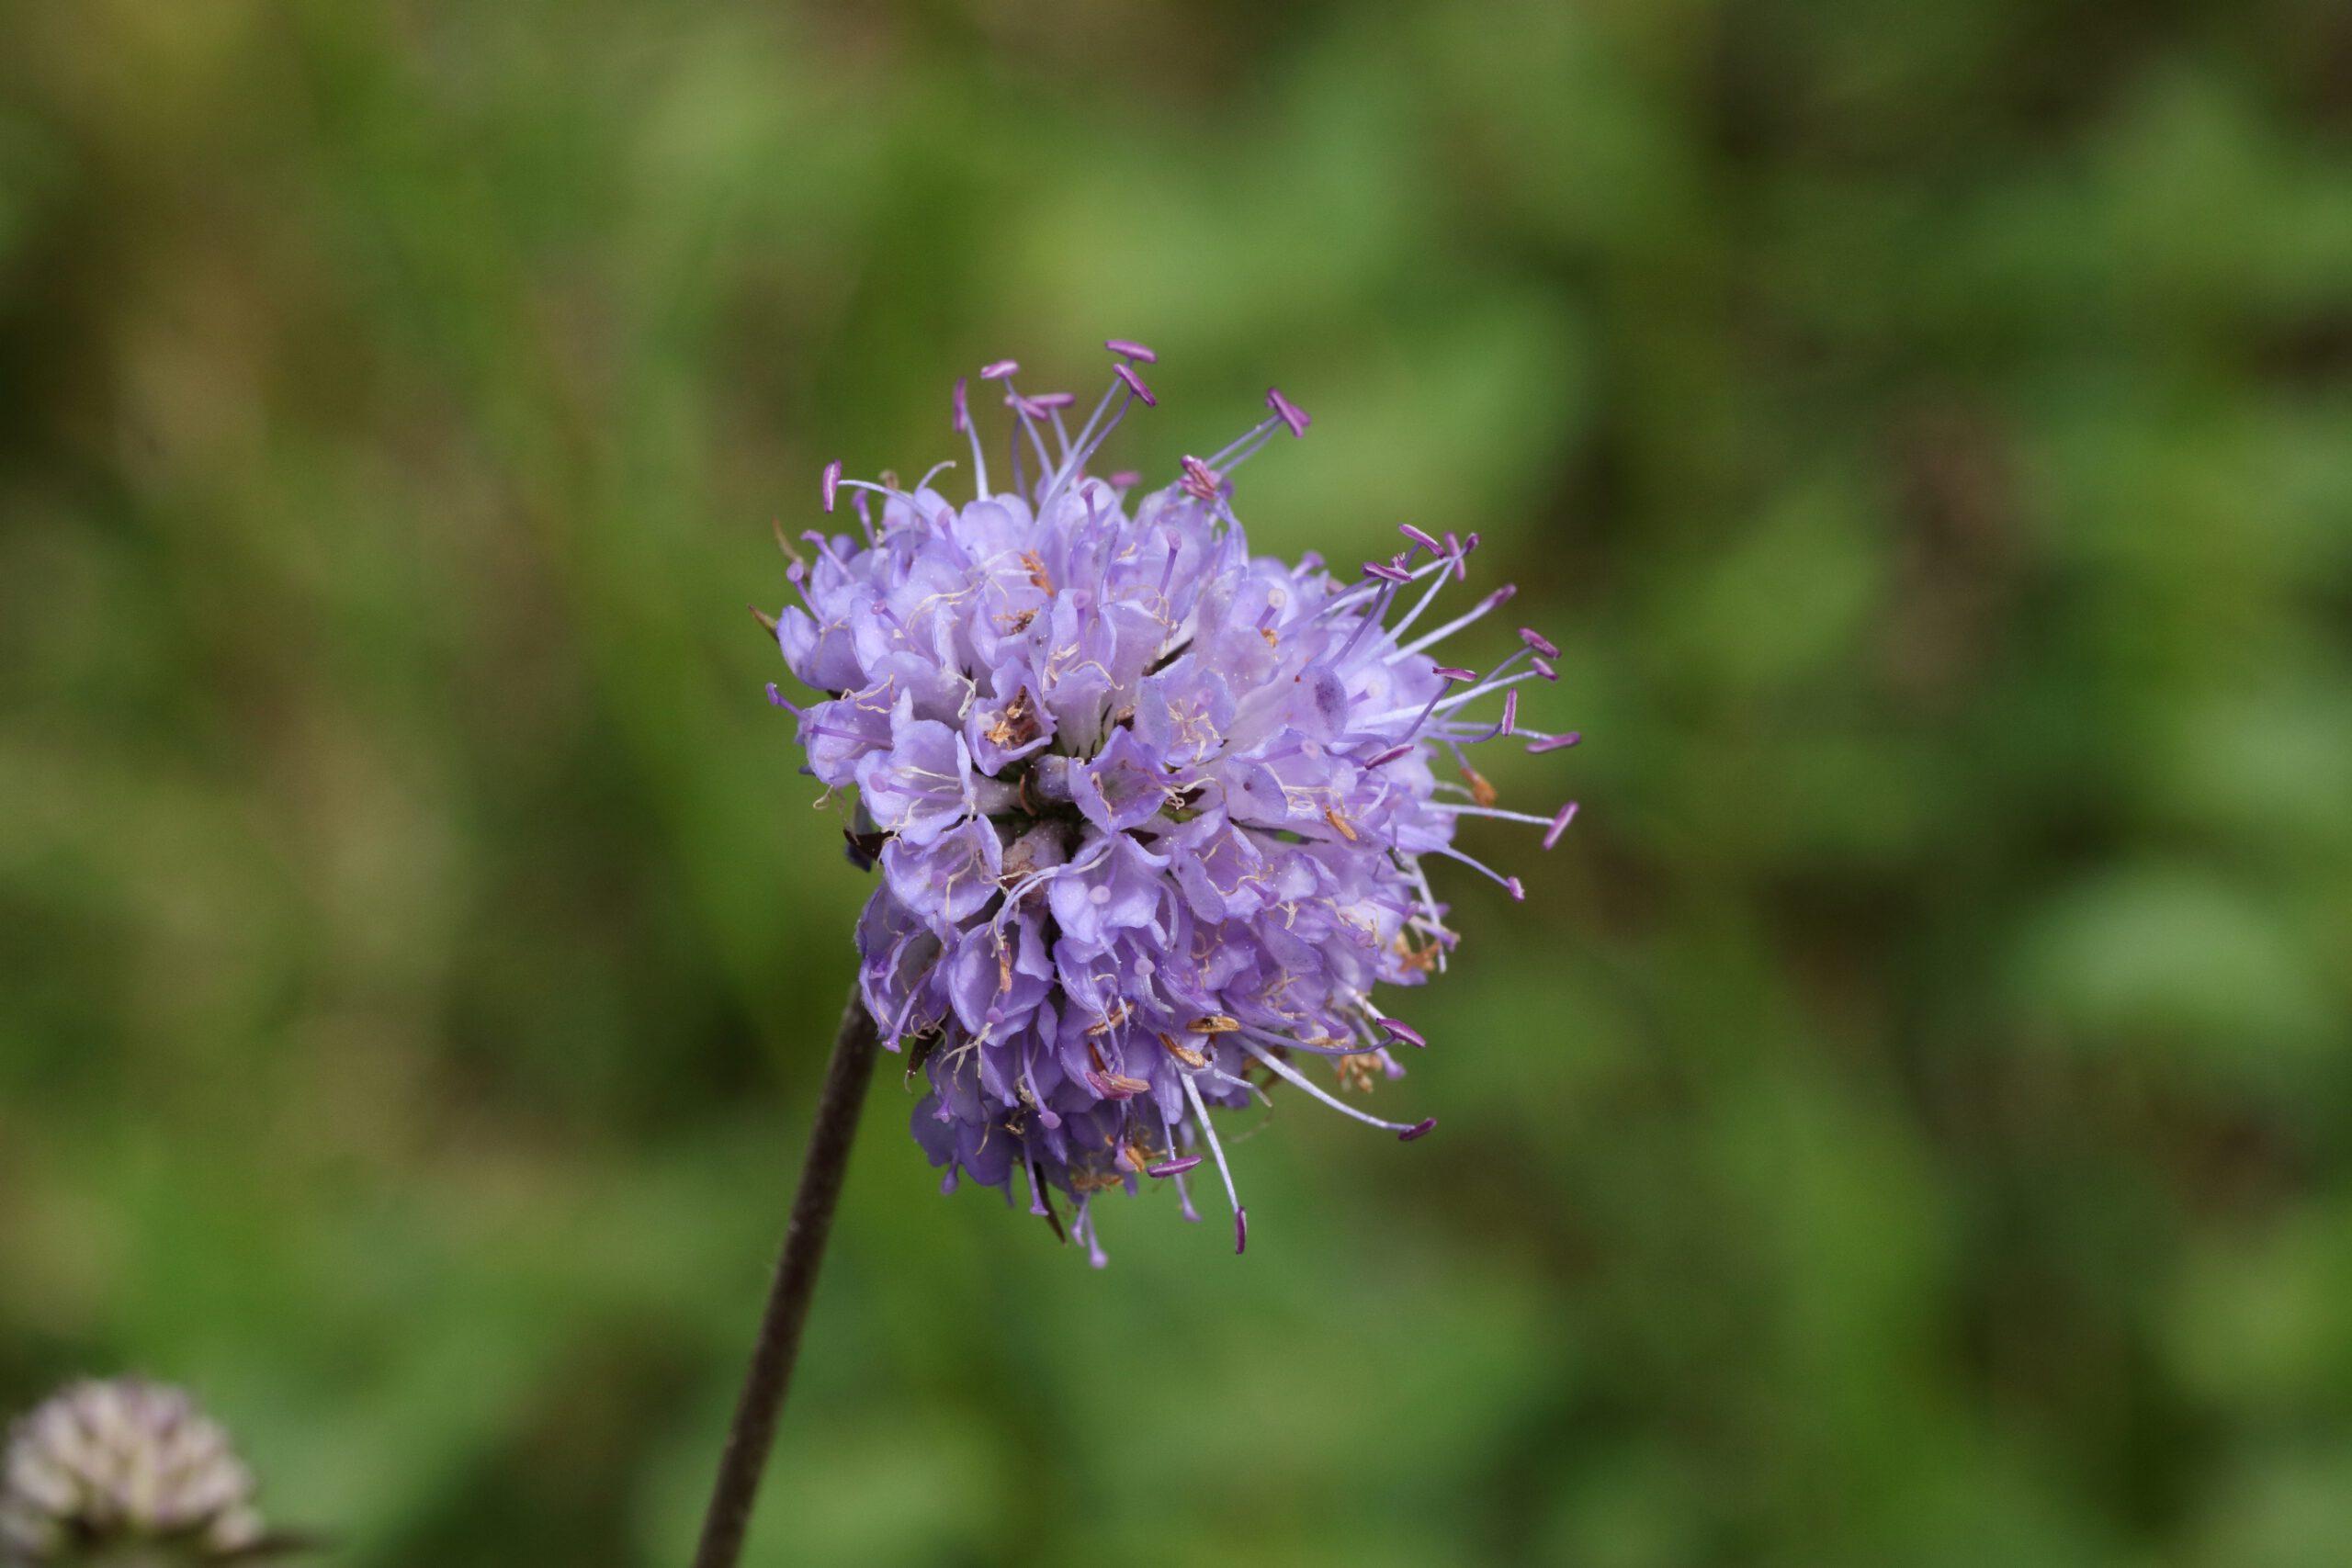 Teufelsabbiss - Blüte